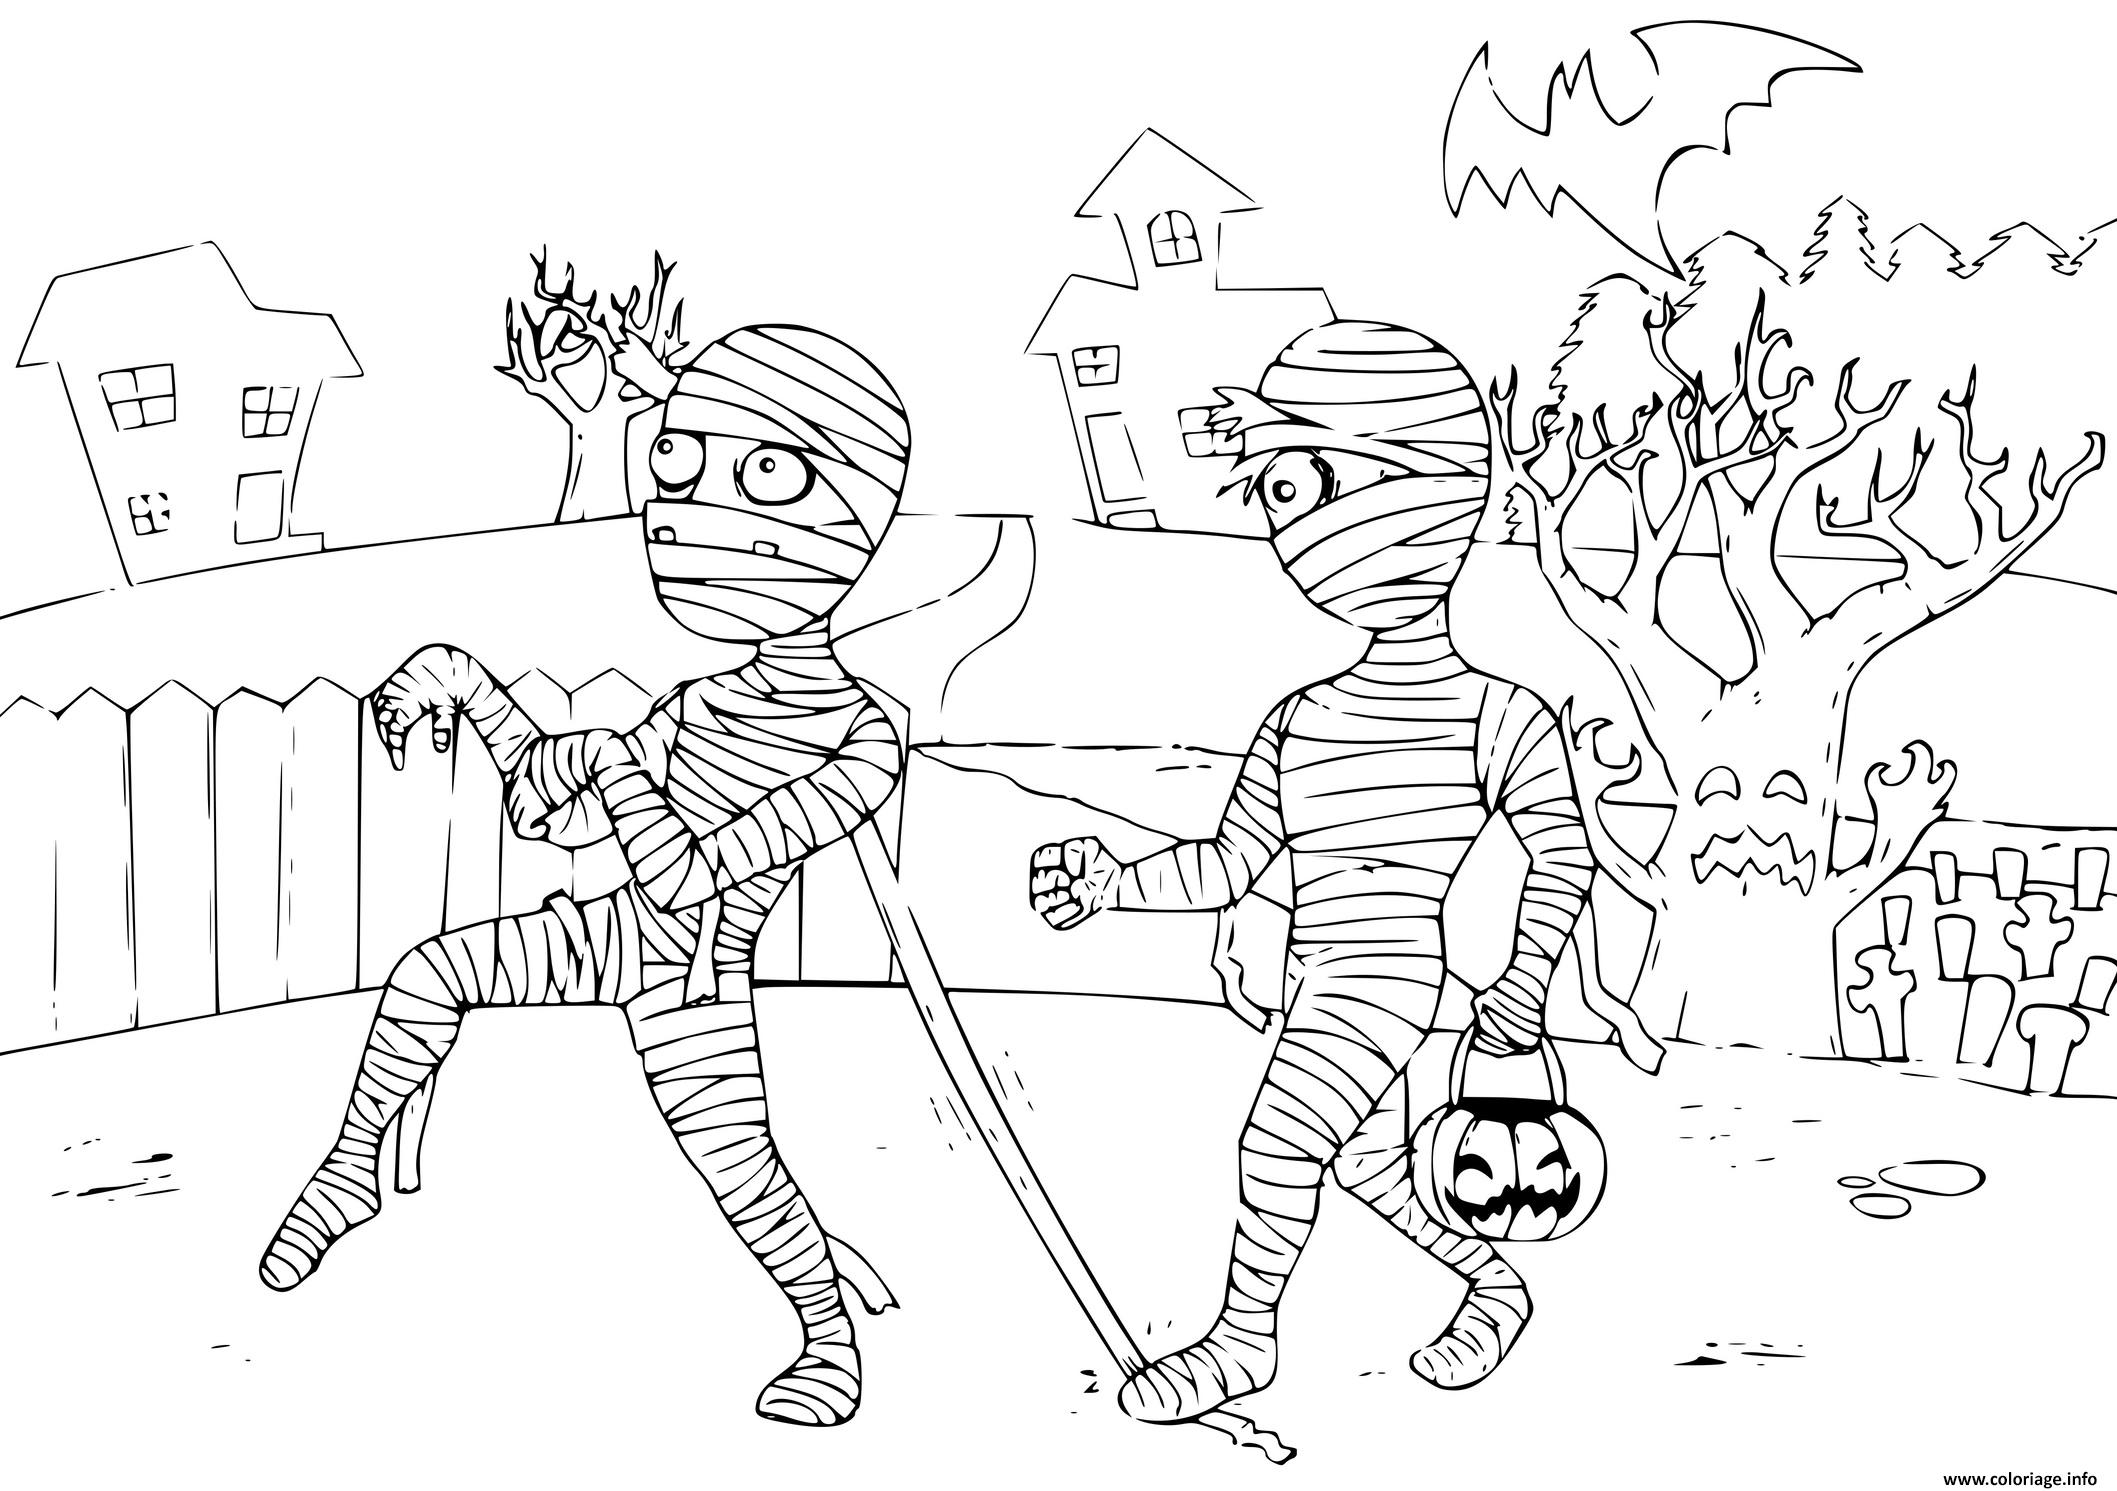 Dessin momie zombie halloween Coloriage Gratuit à Imprimer